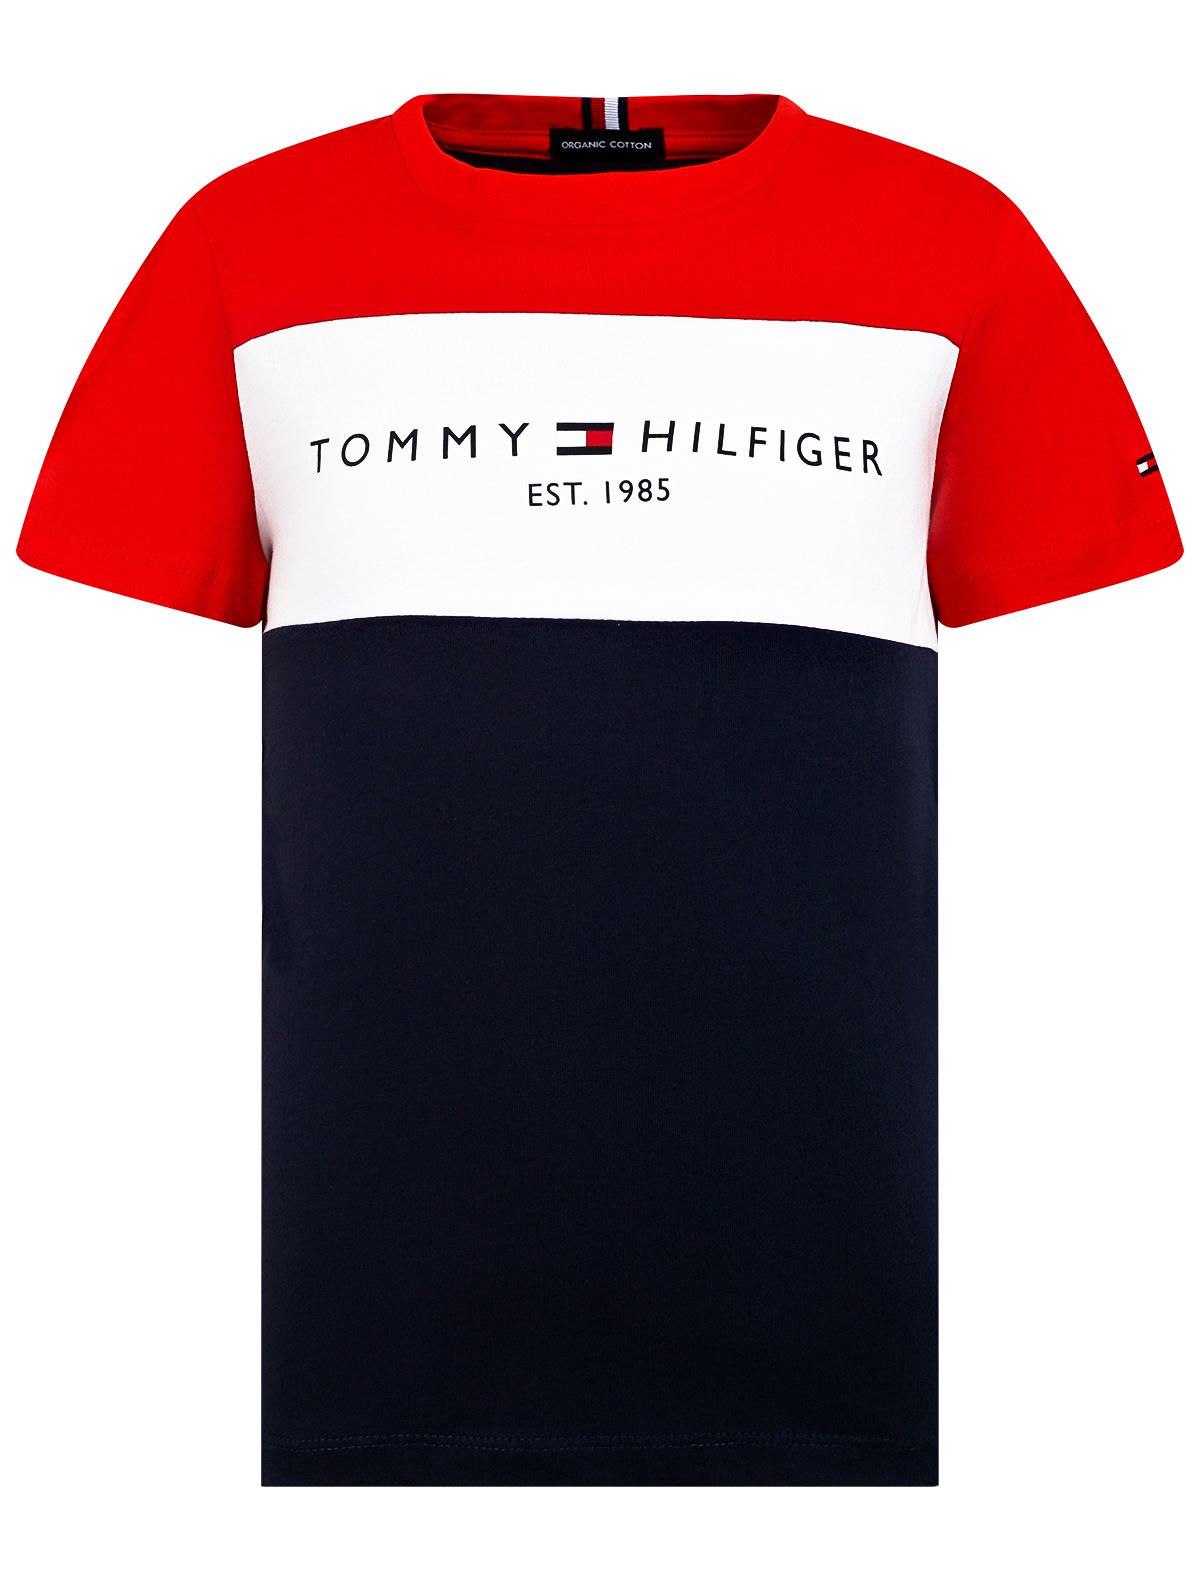 2313045, Футболка TOMMY HILFIGER, синий, 1134529179974  - купить со скидкой